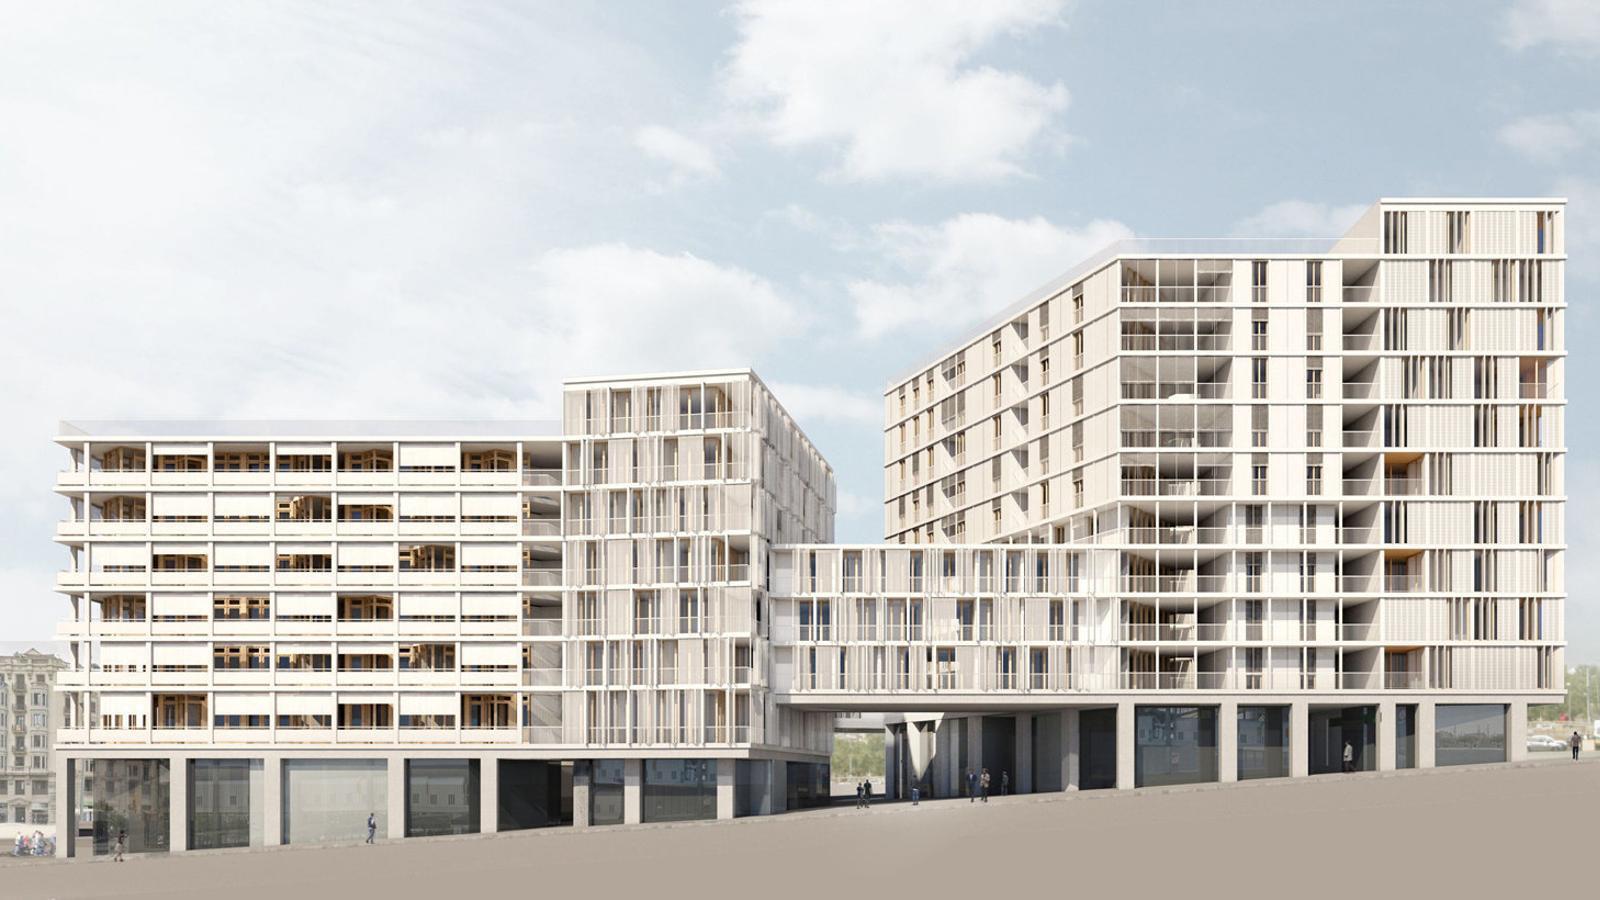 Barcelona tindr pisos p blics de lloguer el 2022 for Pisos de lloguer a barcelona